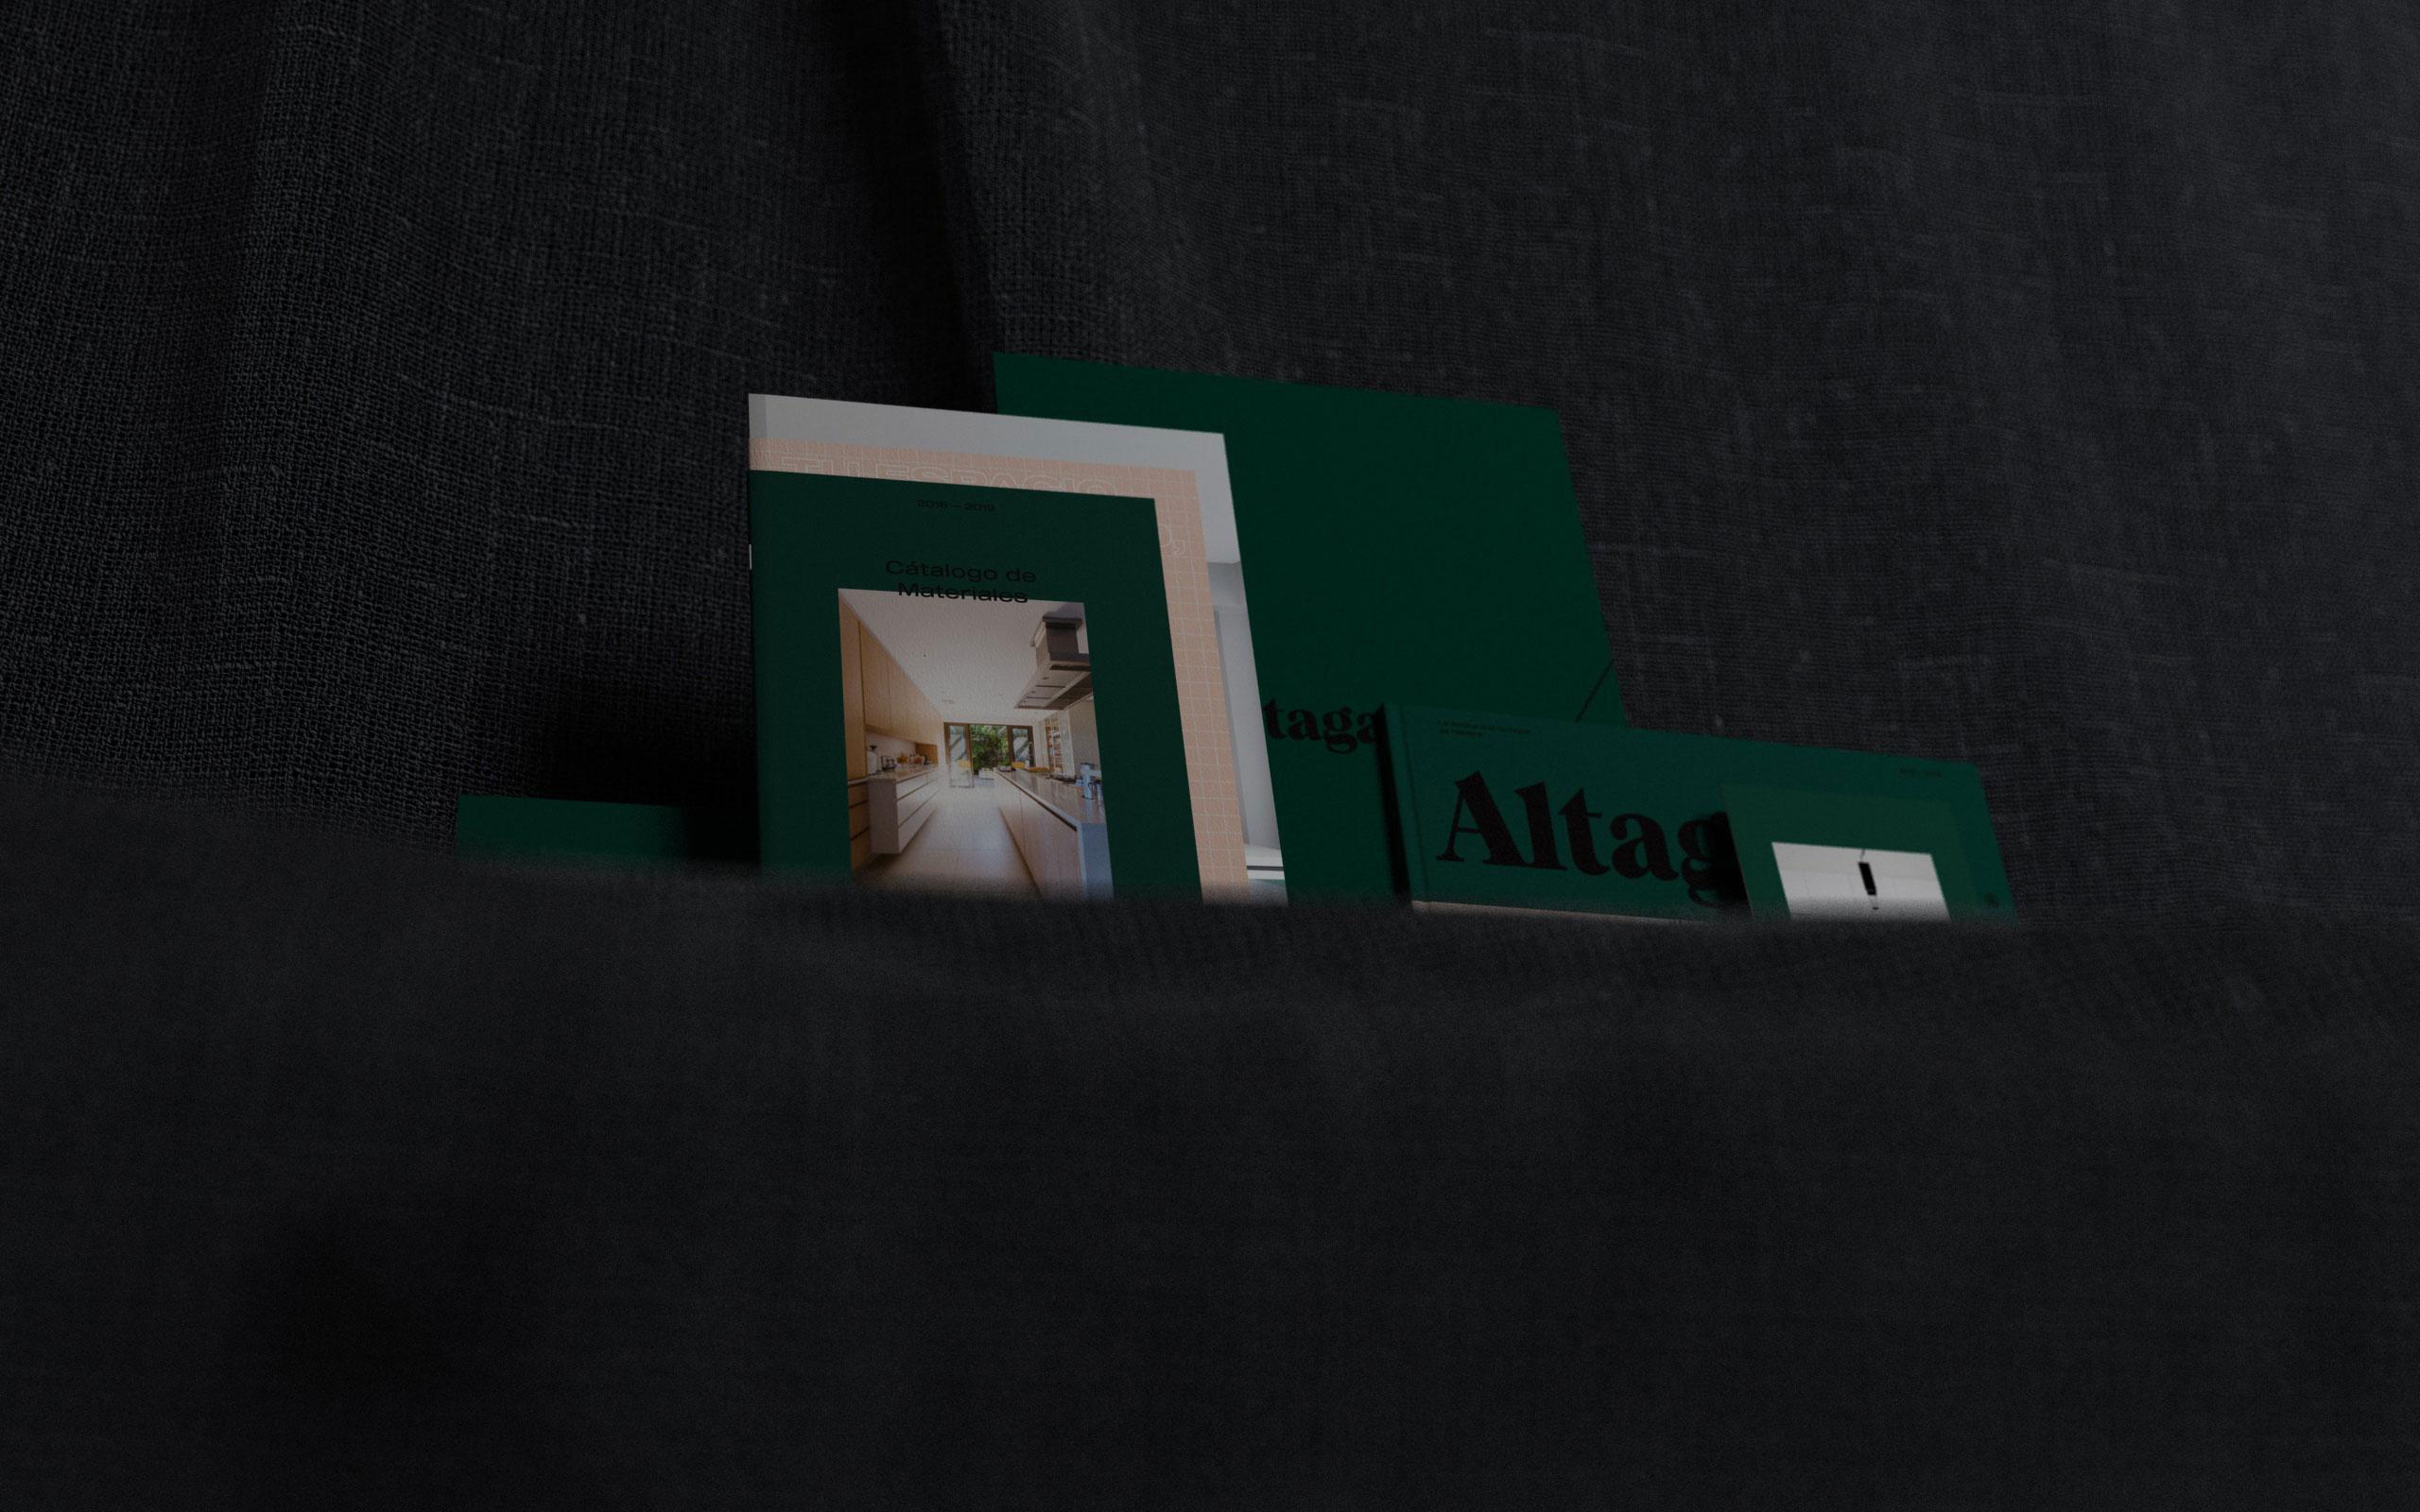 Altagama